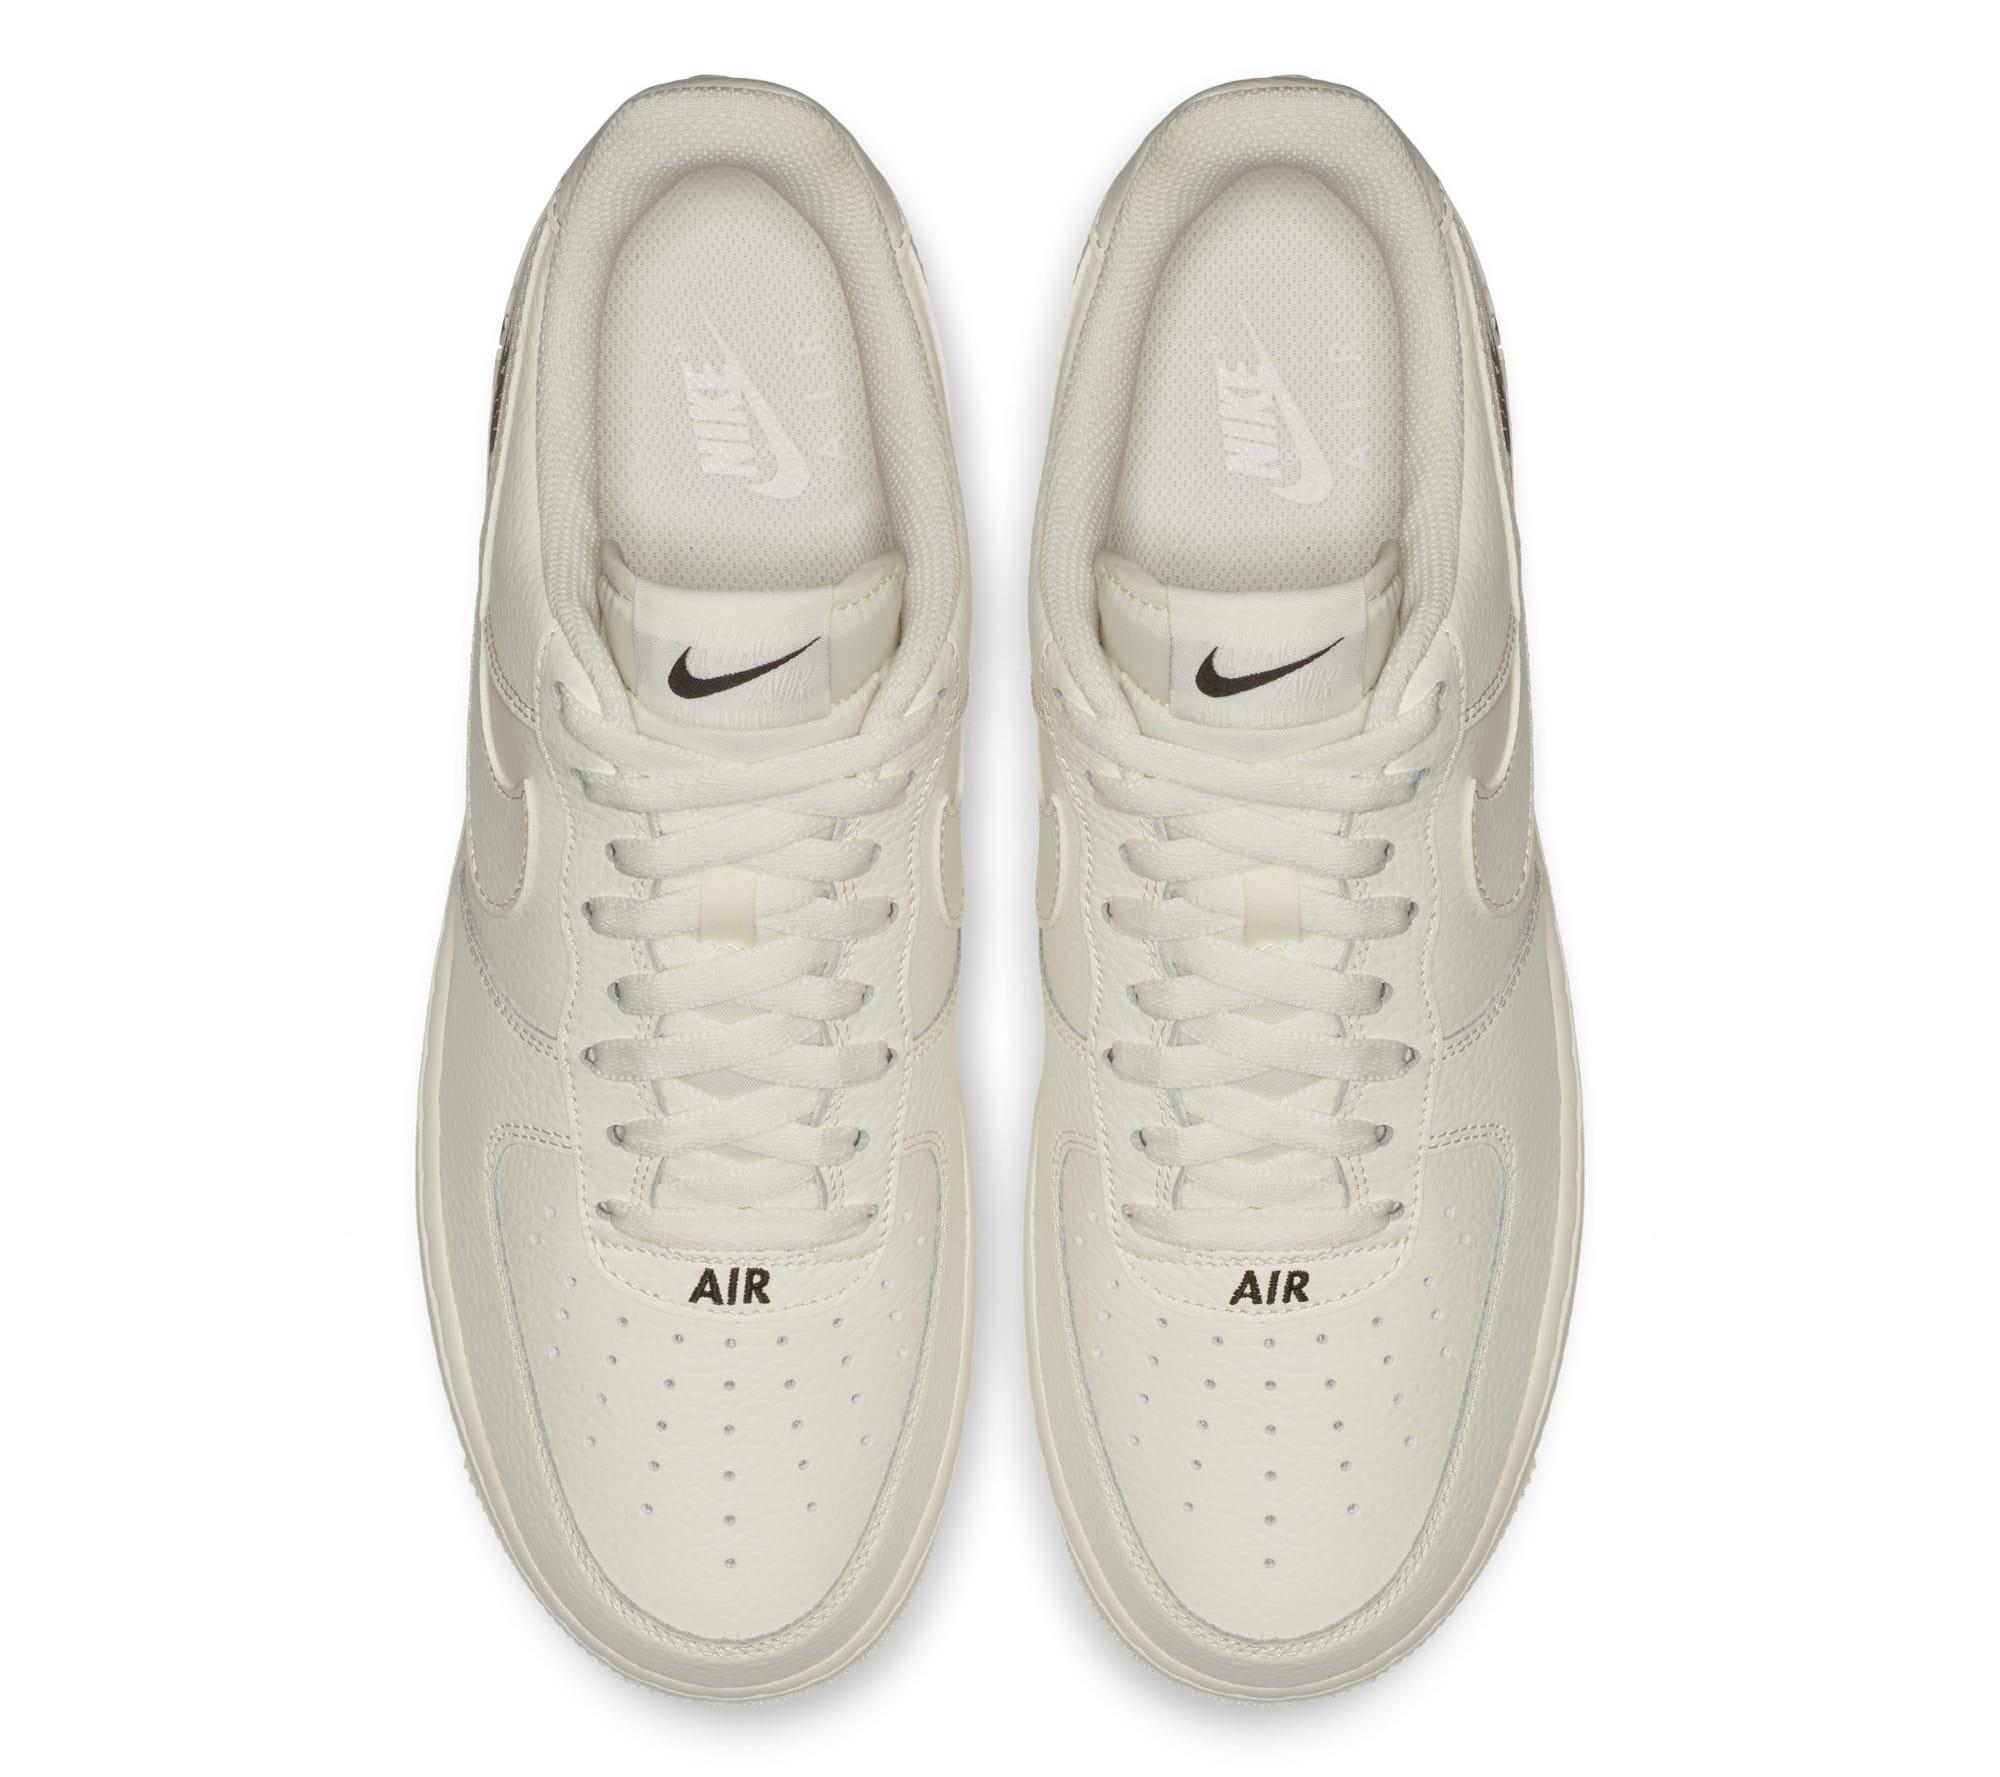 Nike Air Force 1 07 LTHR 'Sail' (Top)